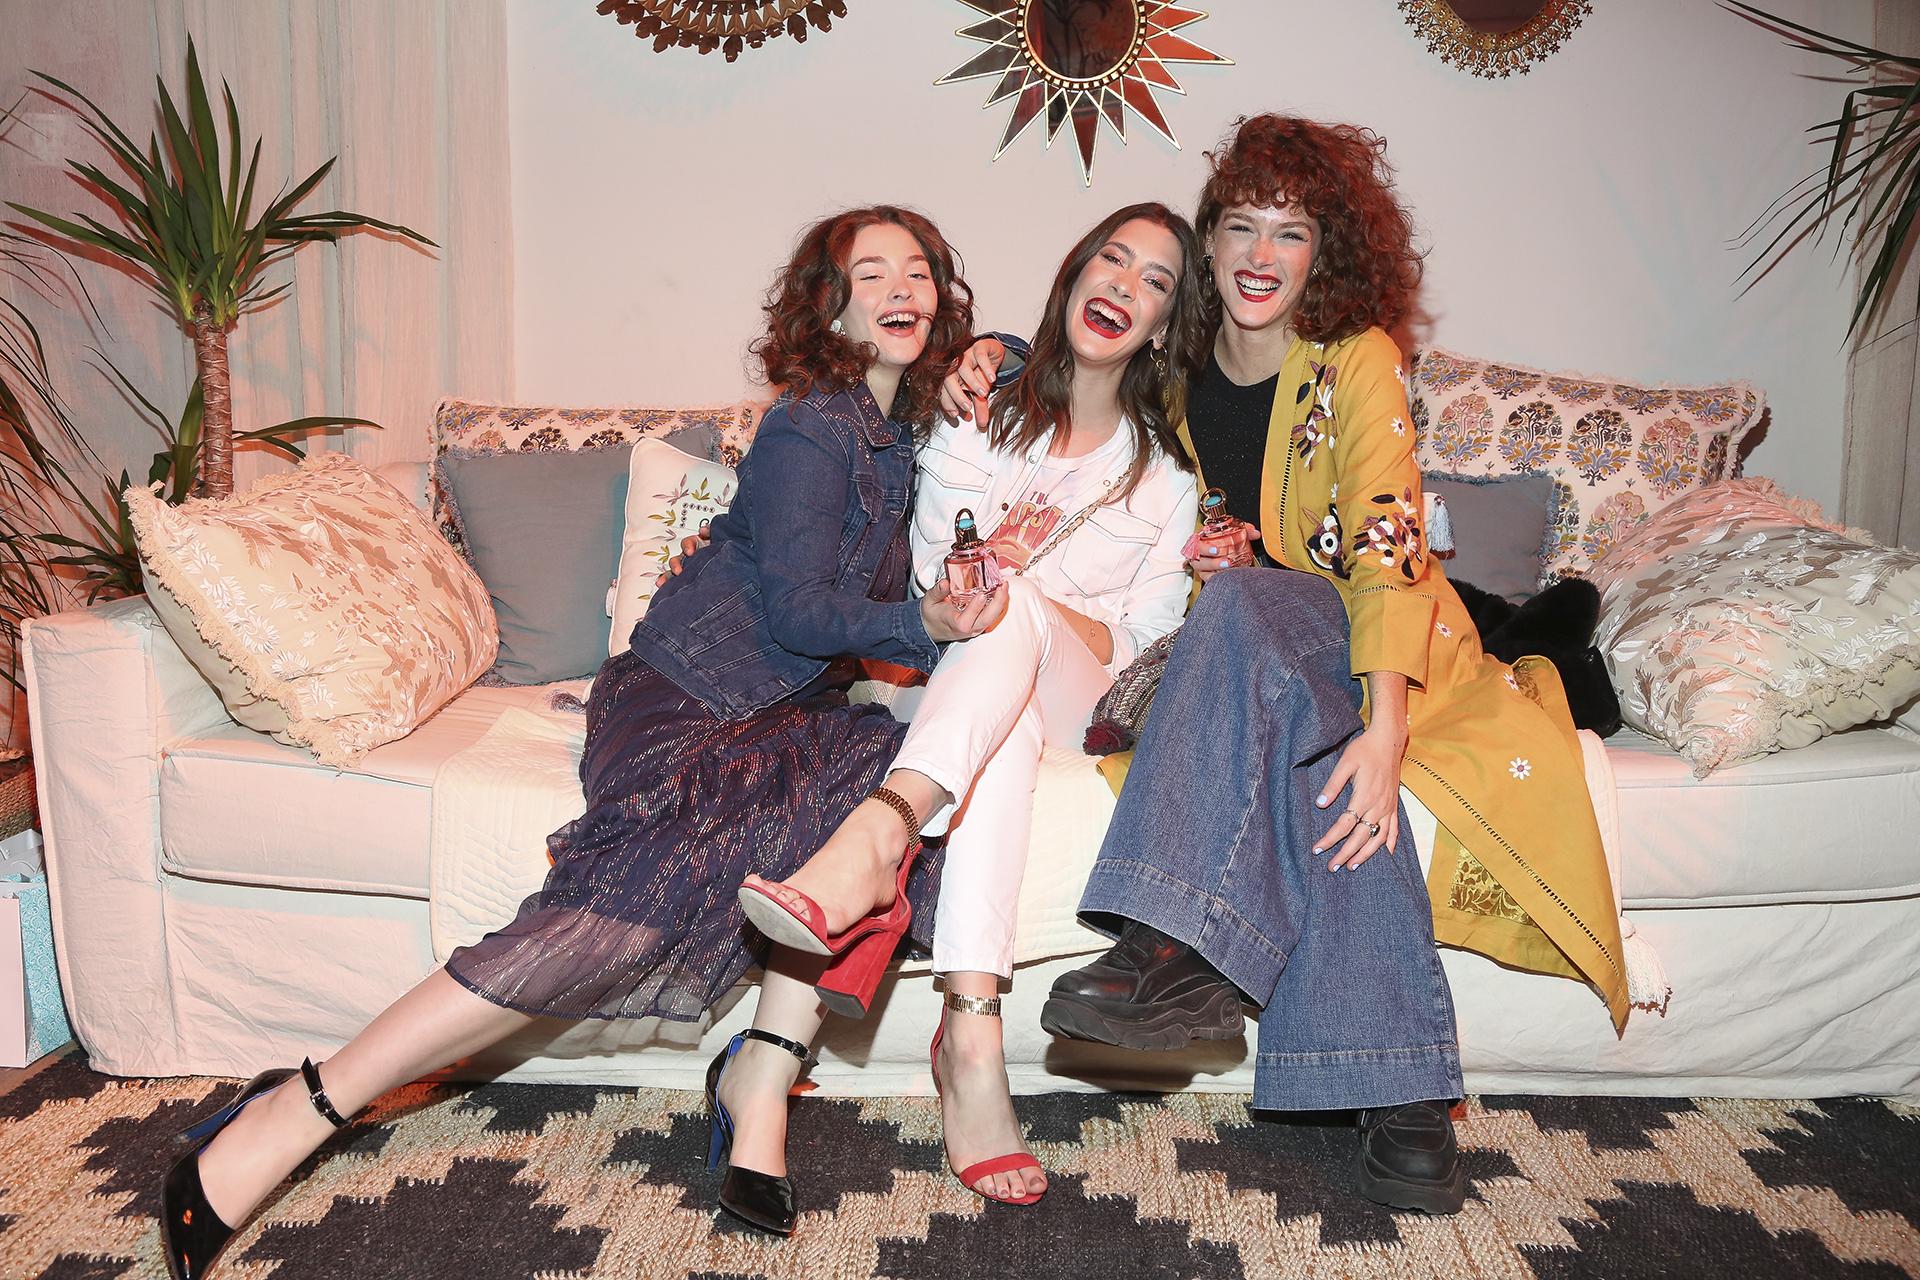 Minerva Casero, Clara Alonso y Jenny Martinez divertidas en el evento lanzamiento de Rapsodia Indie.